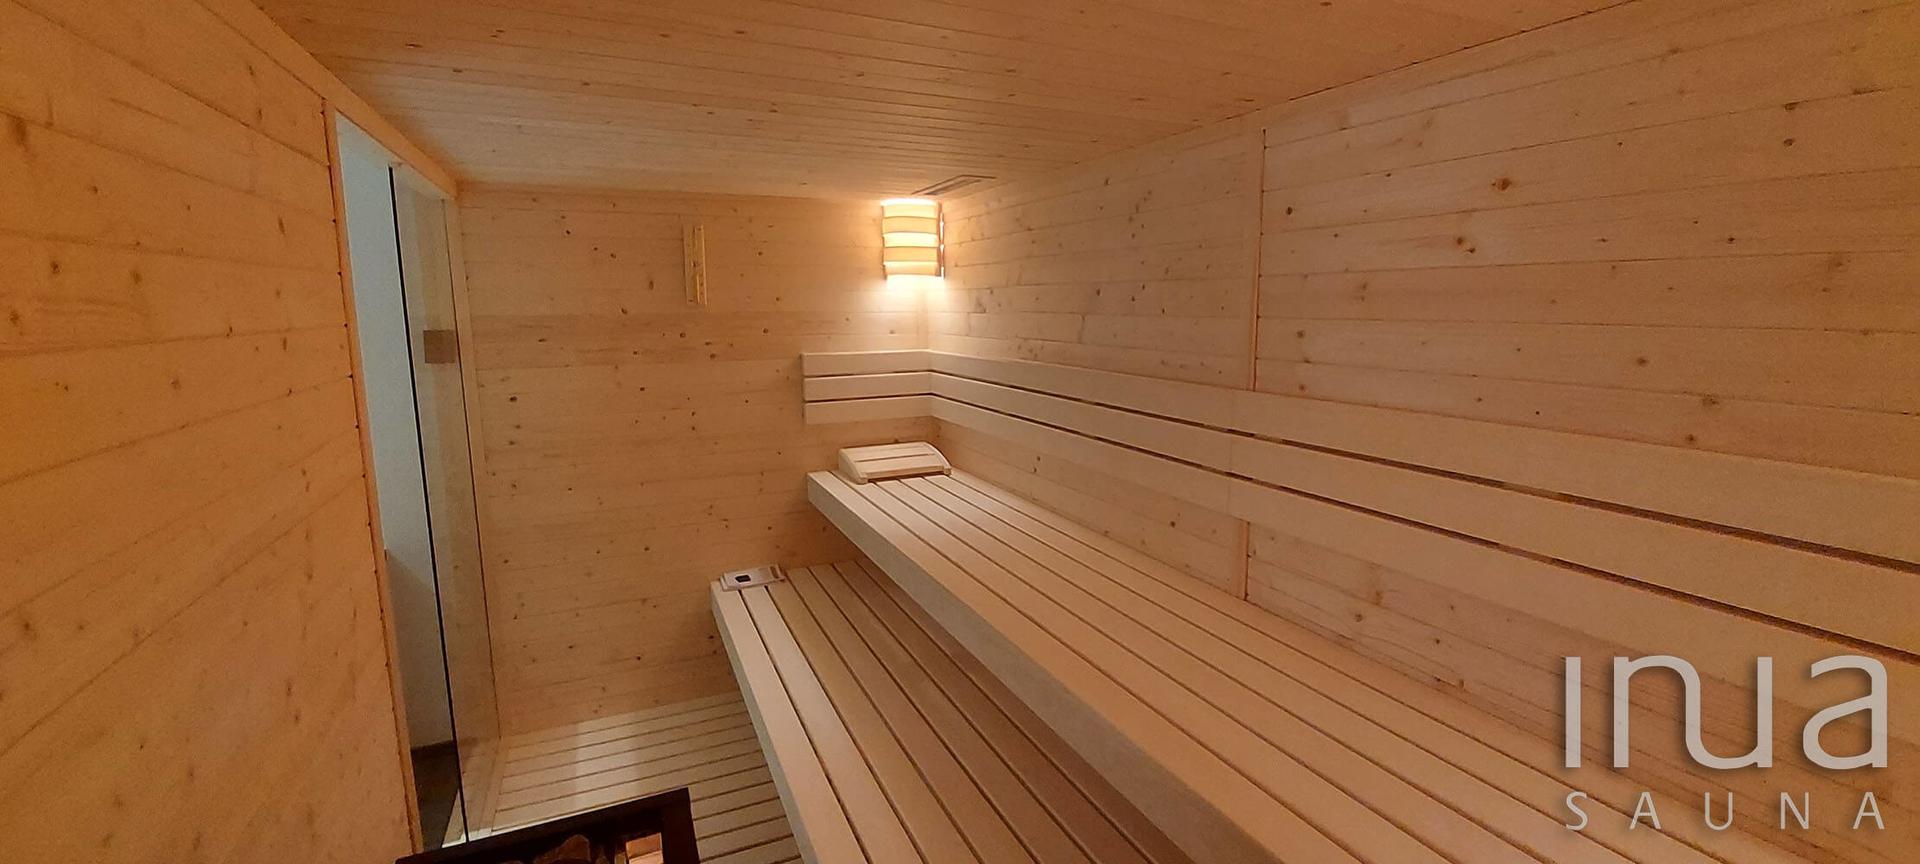 A szauna belső burkolata lucfenyő lambéria, a padok pedig finn rezgőnyárfából készültek.